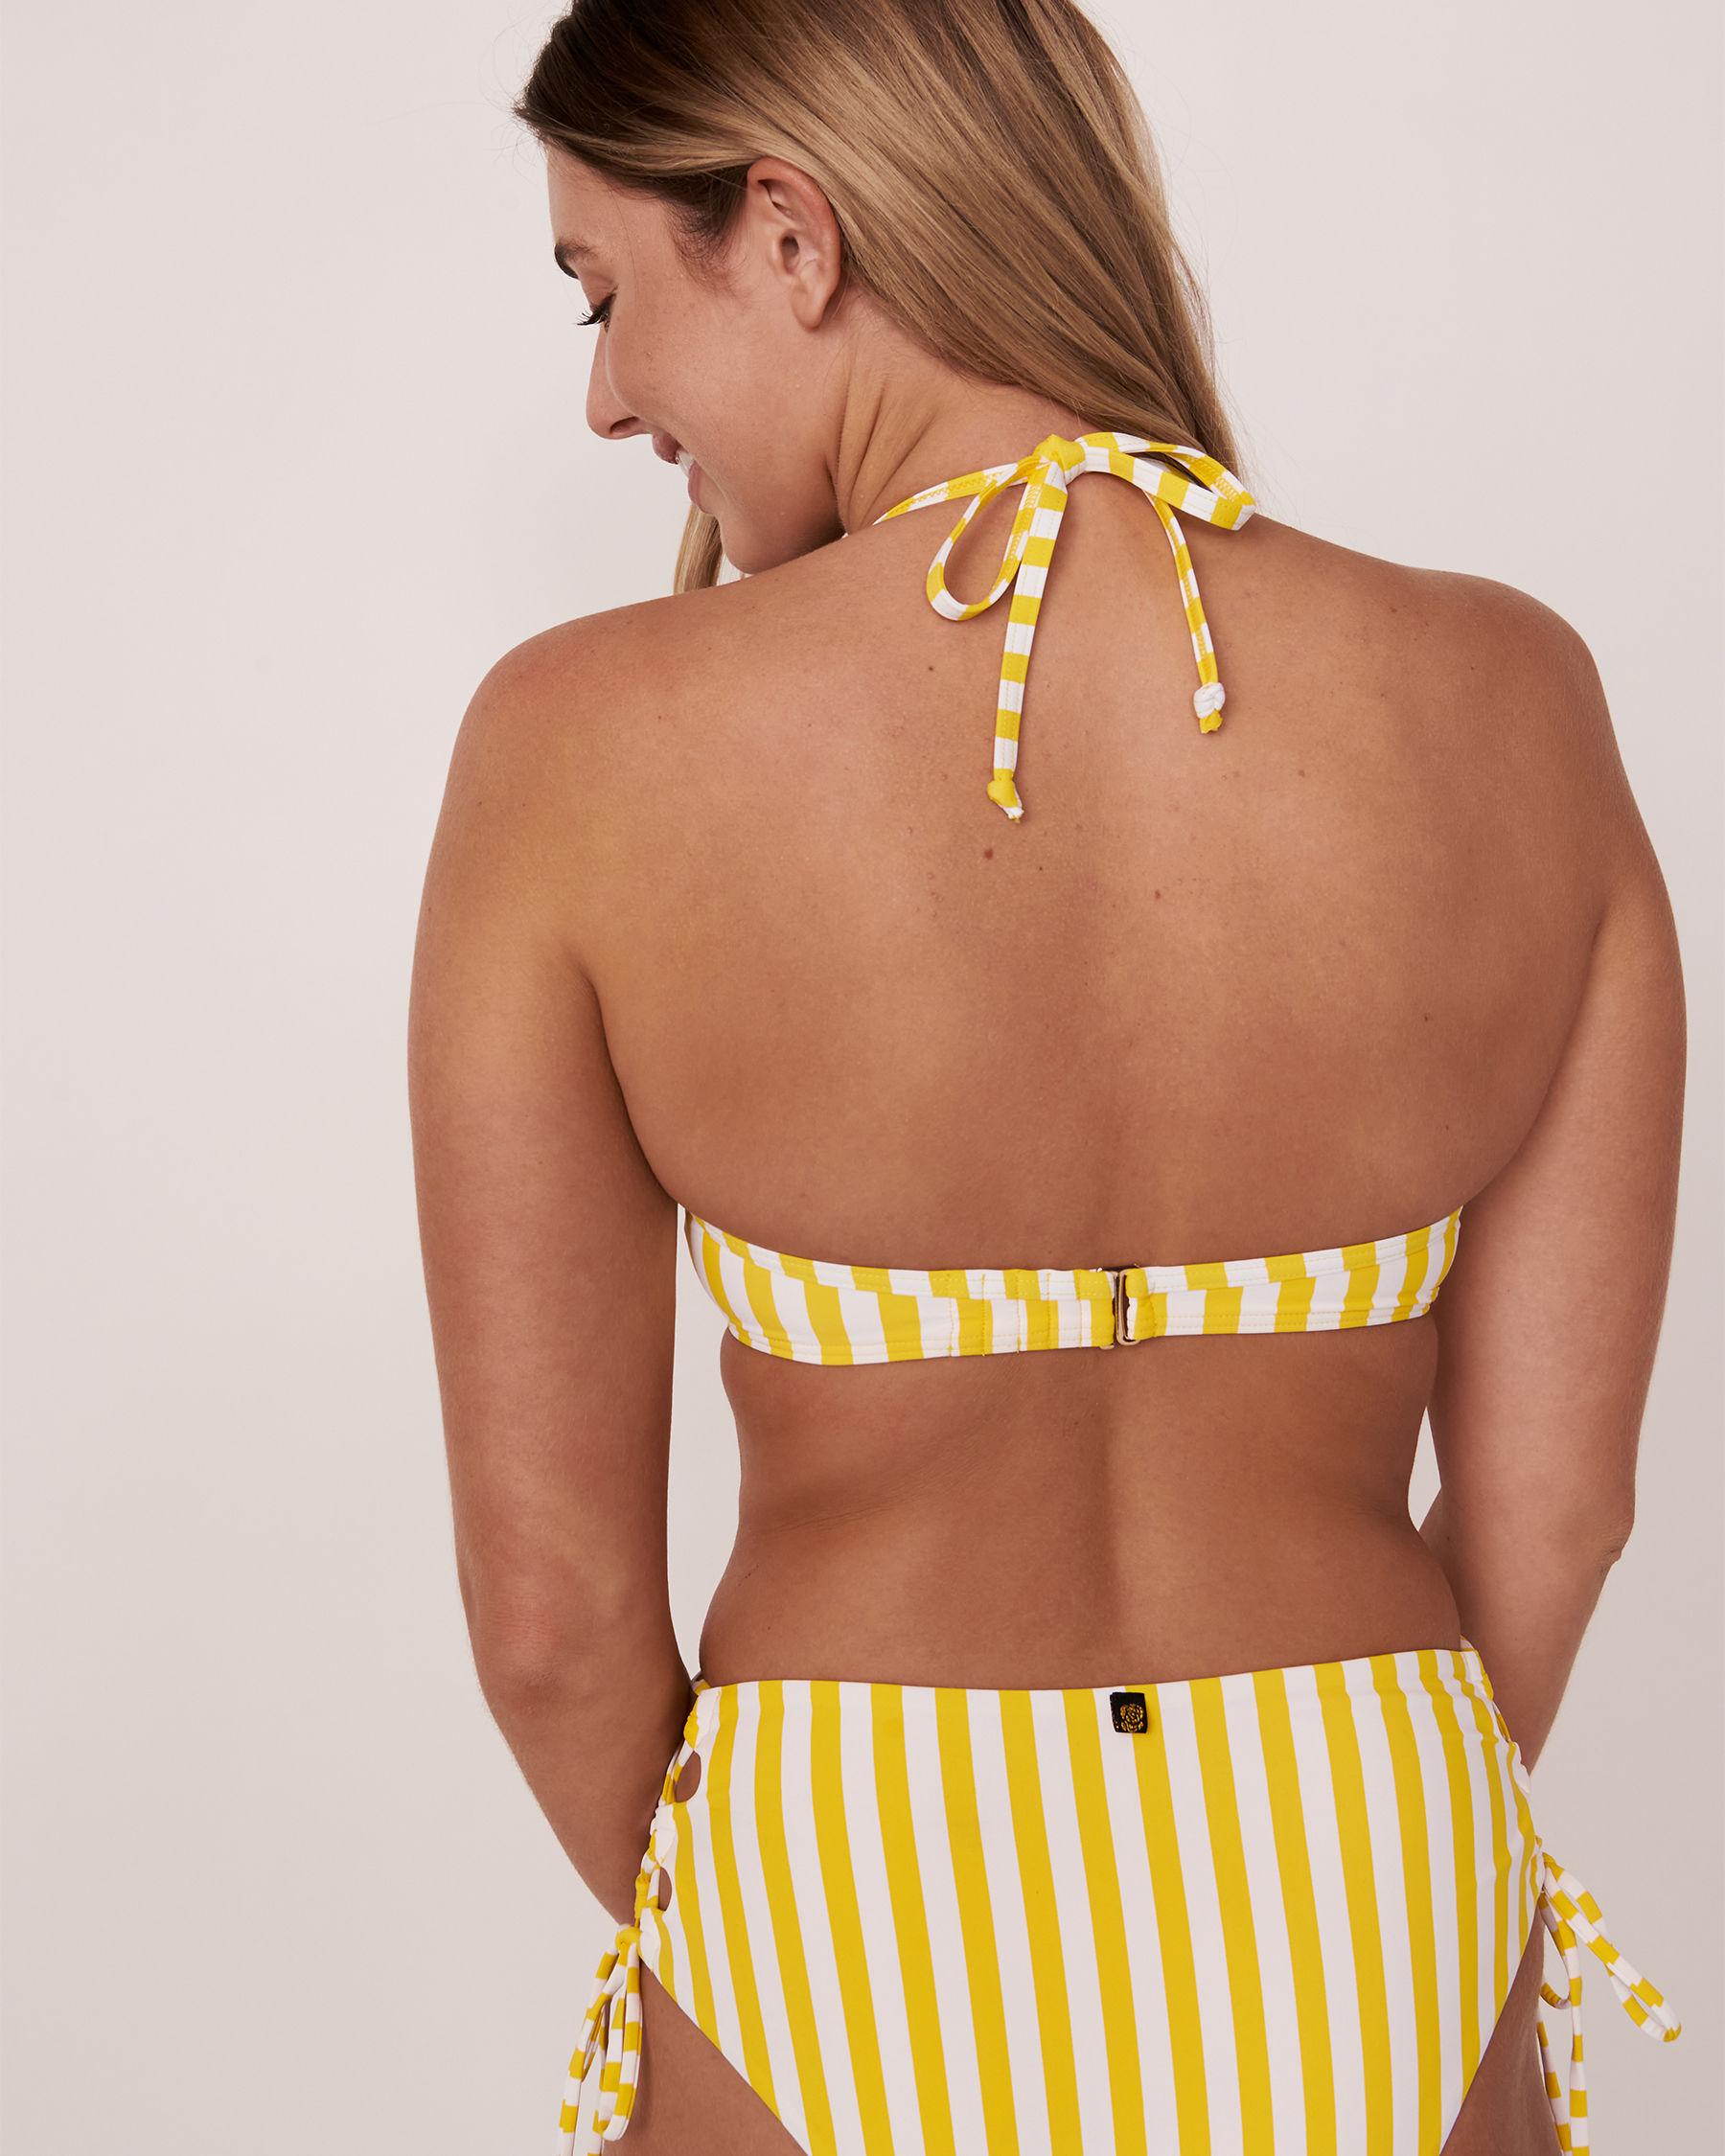 LA VIE EN ROSE AQUA Haut de bikini push-up en fibres recyclées YELLOW SUBMARINE Rayures jaunes et blanches 70100112 - Voir2